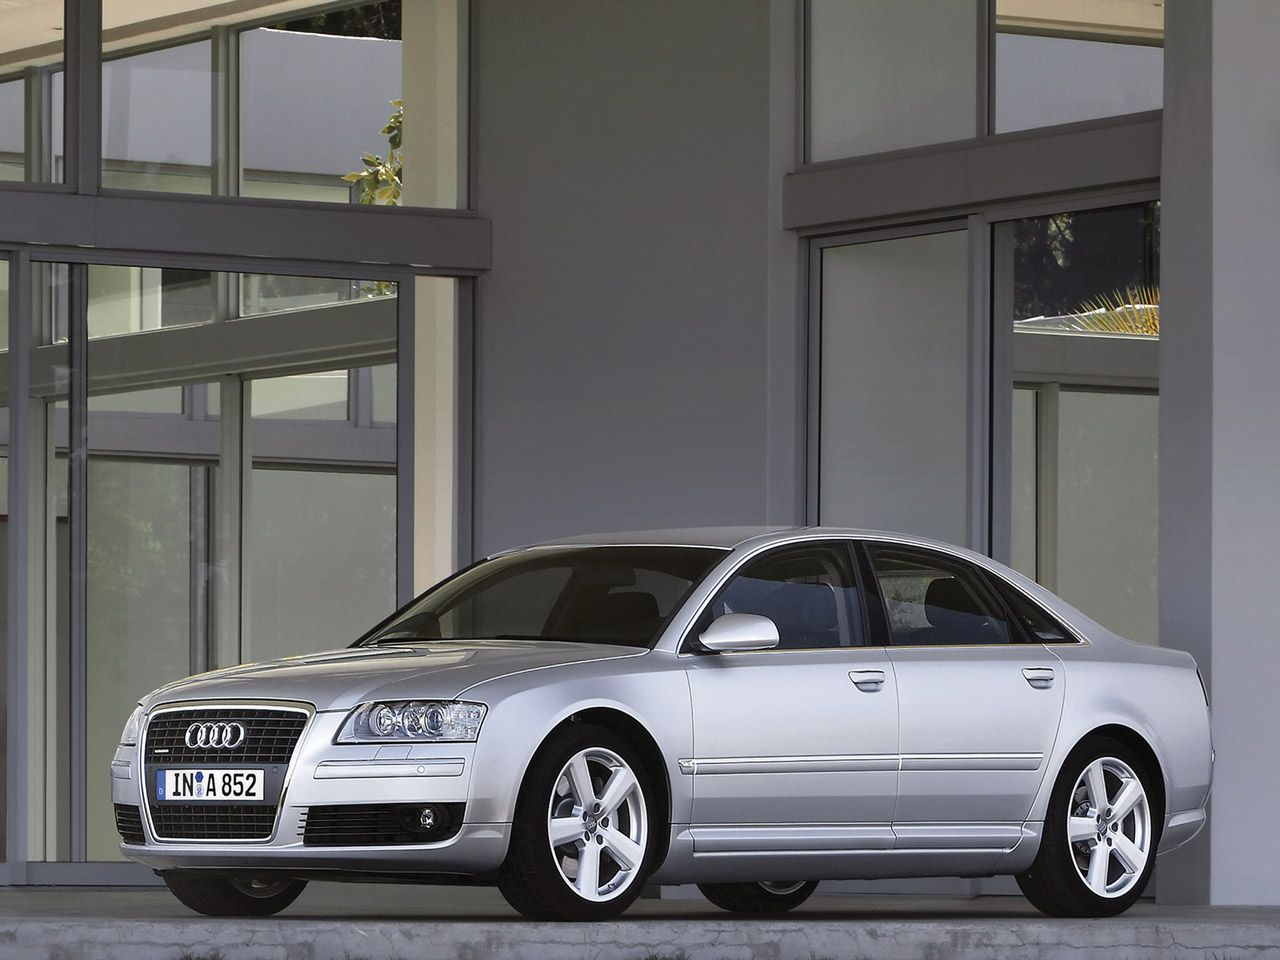 Kelebihan Kekurangan Audi A8 4.2 Quattro Top Model Tahun Ini